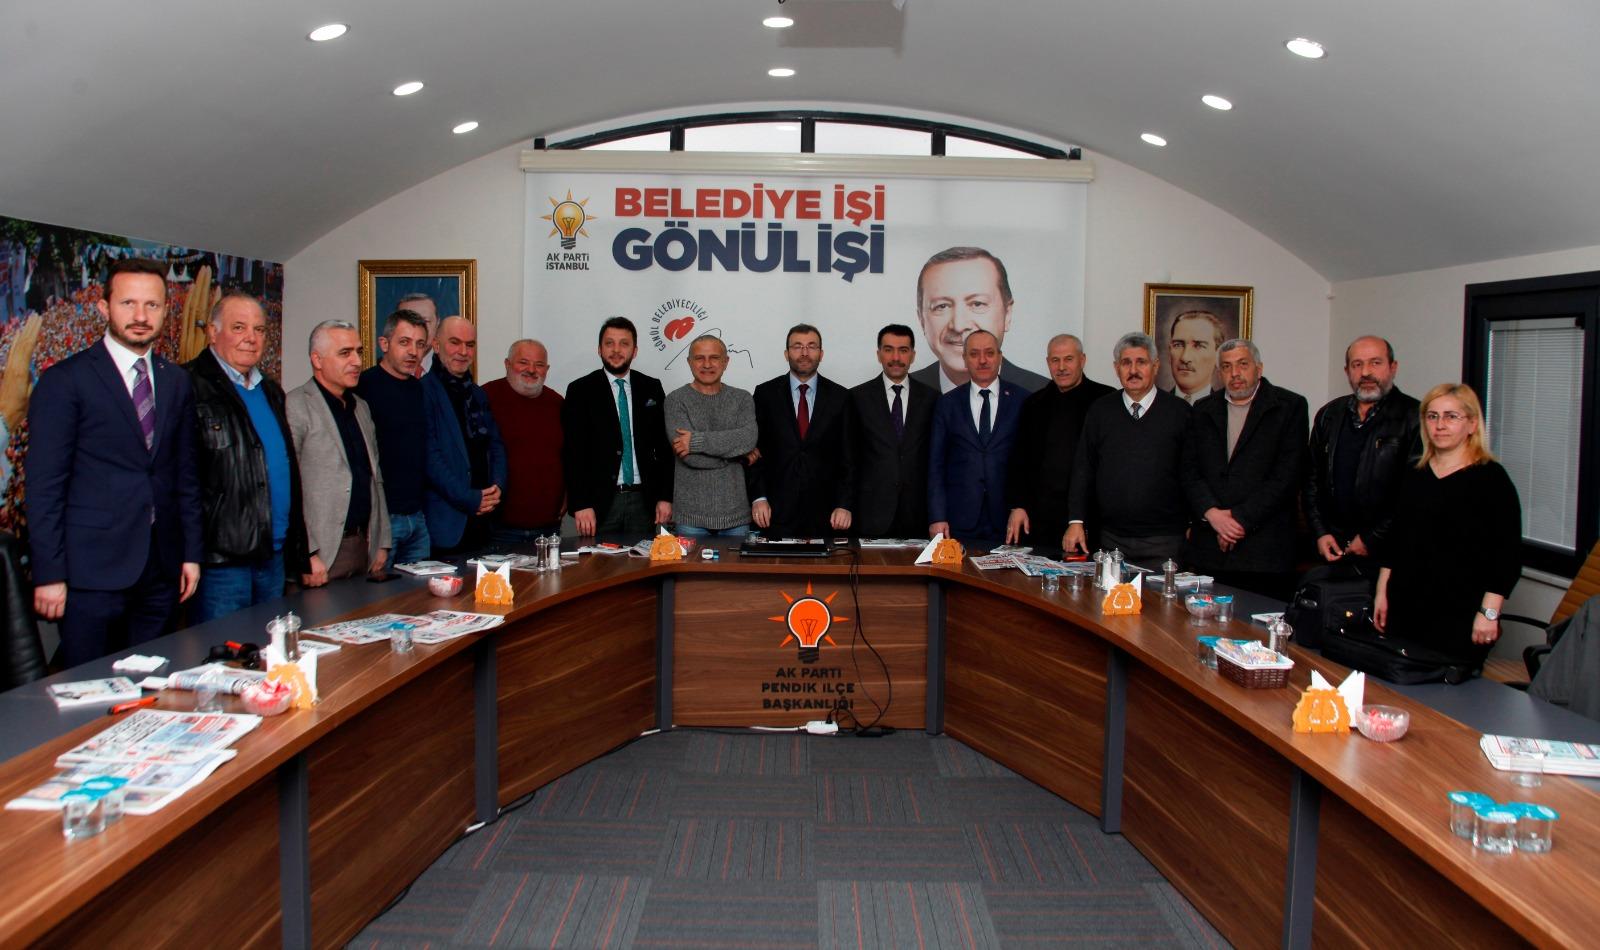 Ahmet Cin pendik'i şaha kaldıracak projelerini yerel basına anlattı